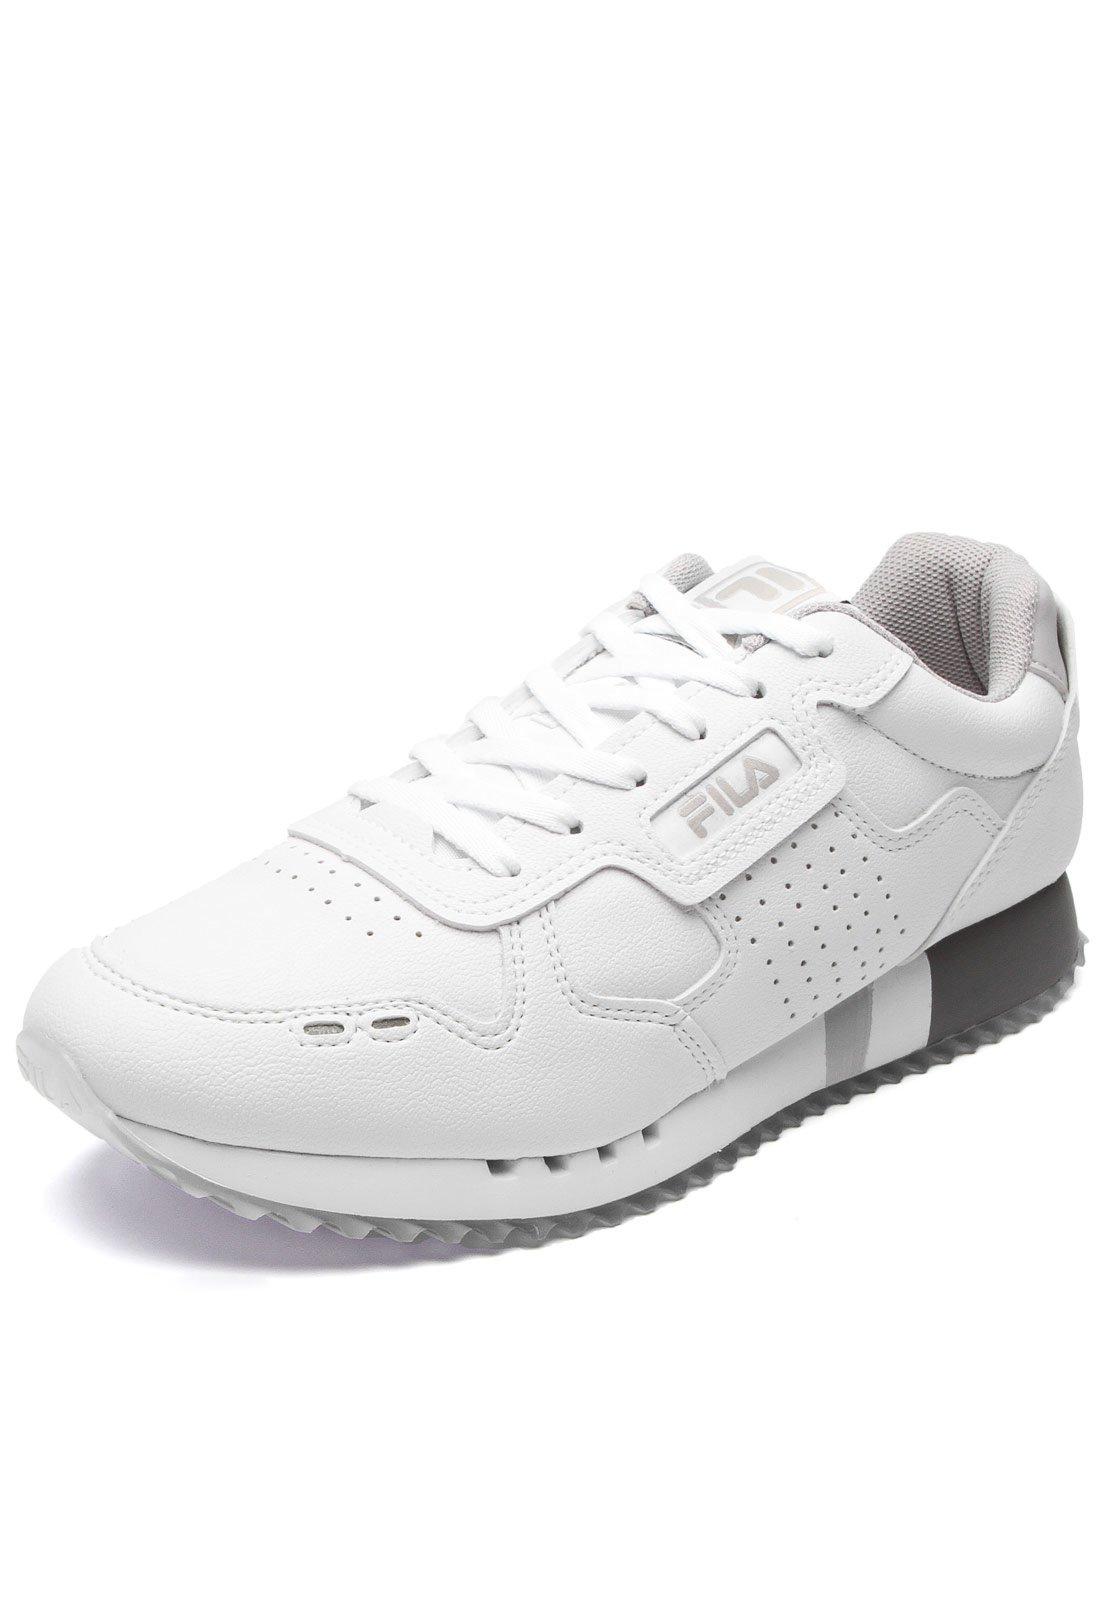 Tênis Fila Classic 92 Branco - Compre Agora  1af21dbb77337